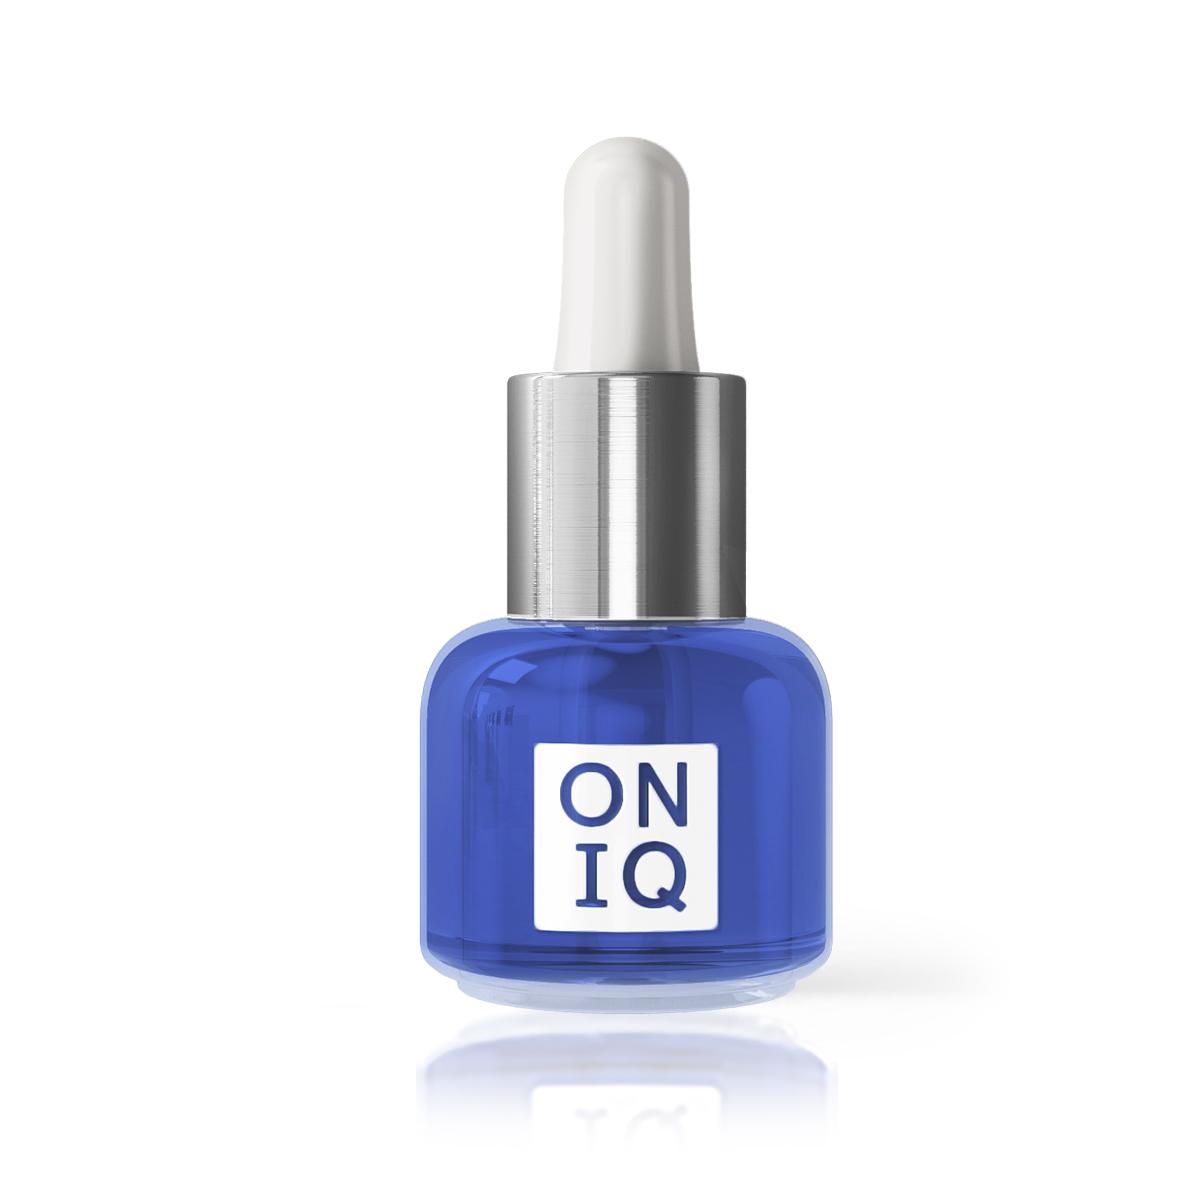 ONIQ Масло для кутикулы с ароматом ванили 15 мл - Для кутикулы